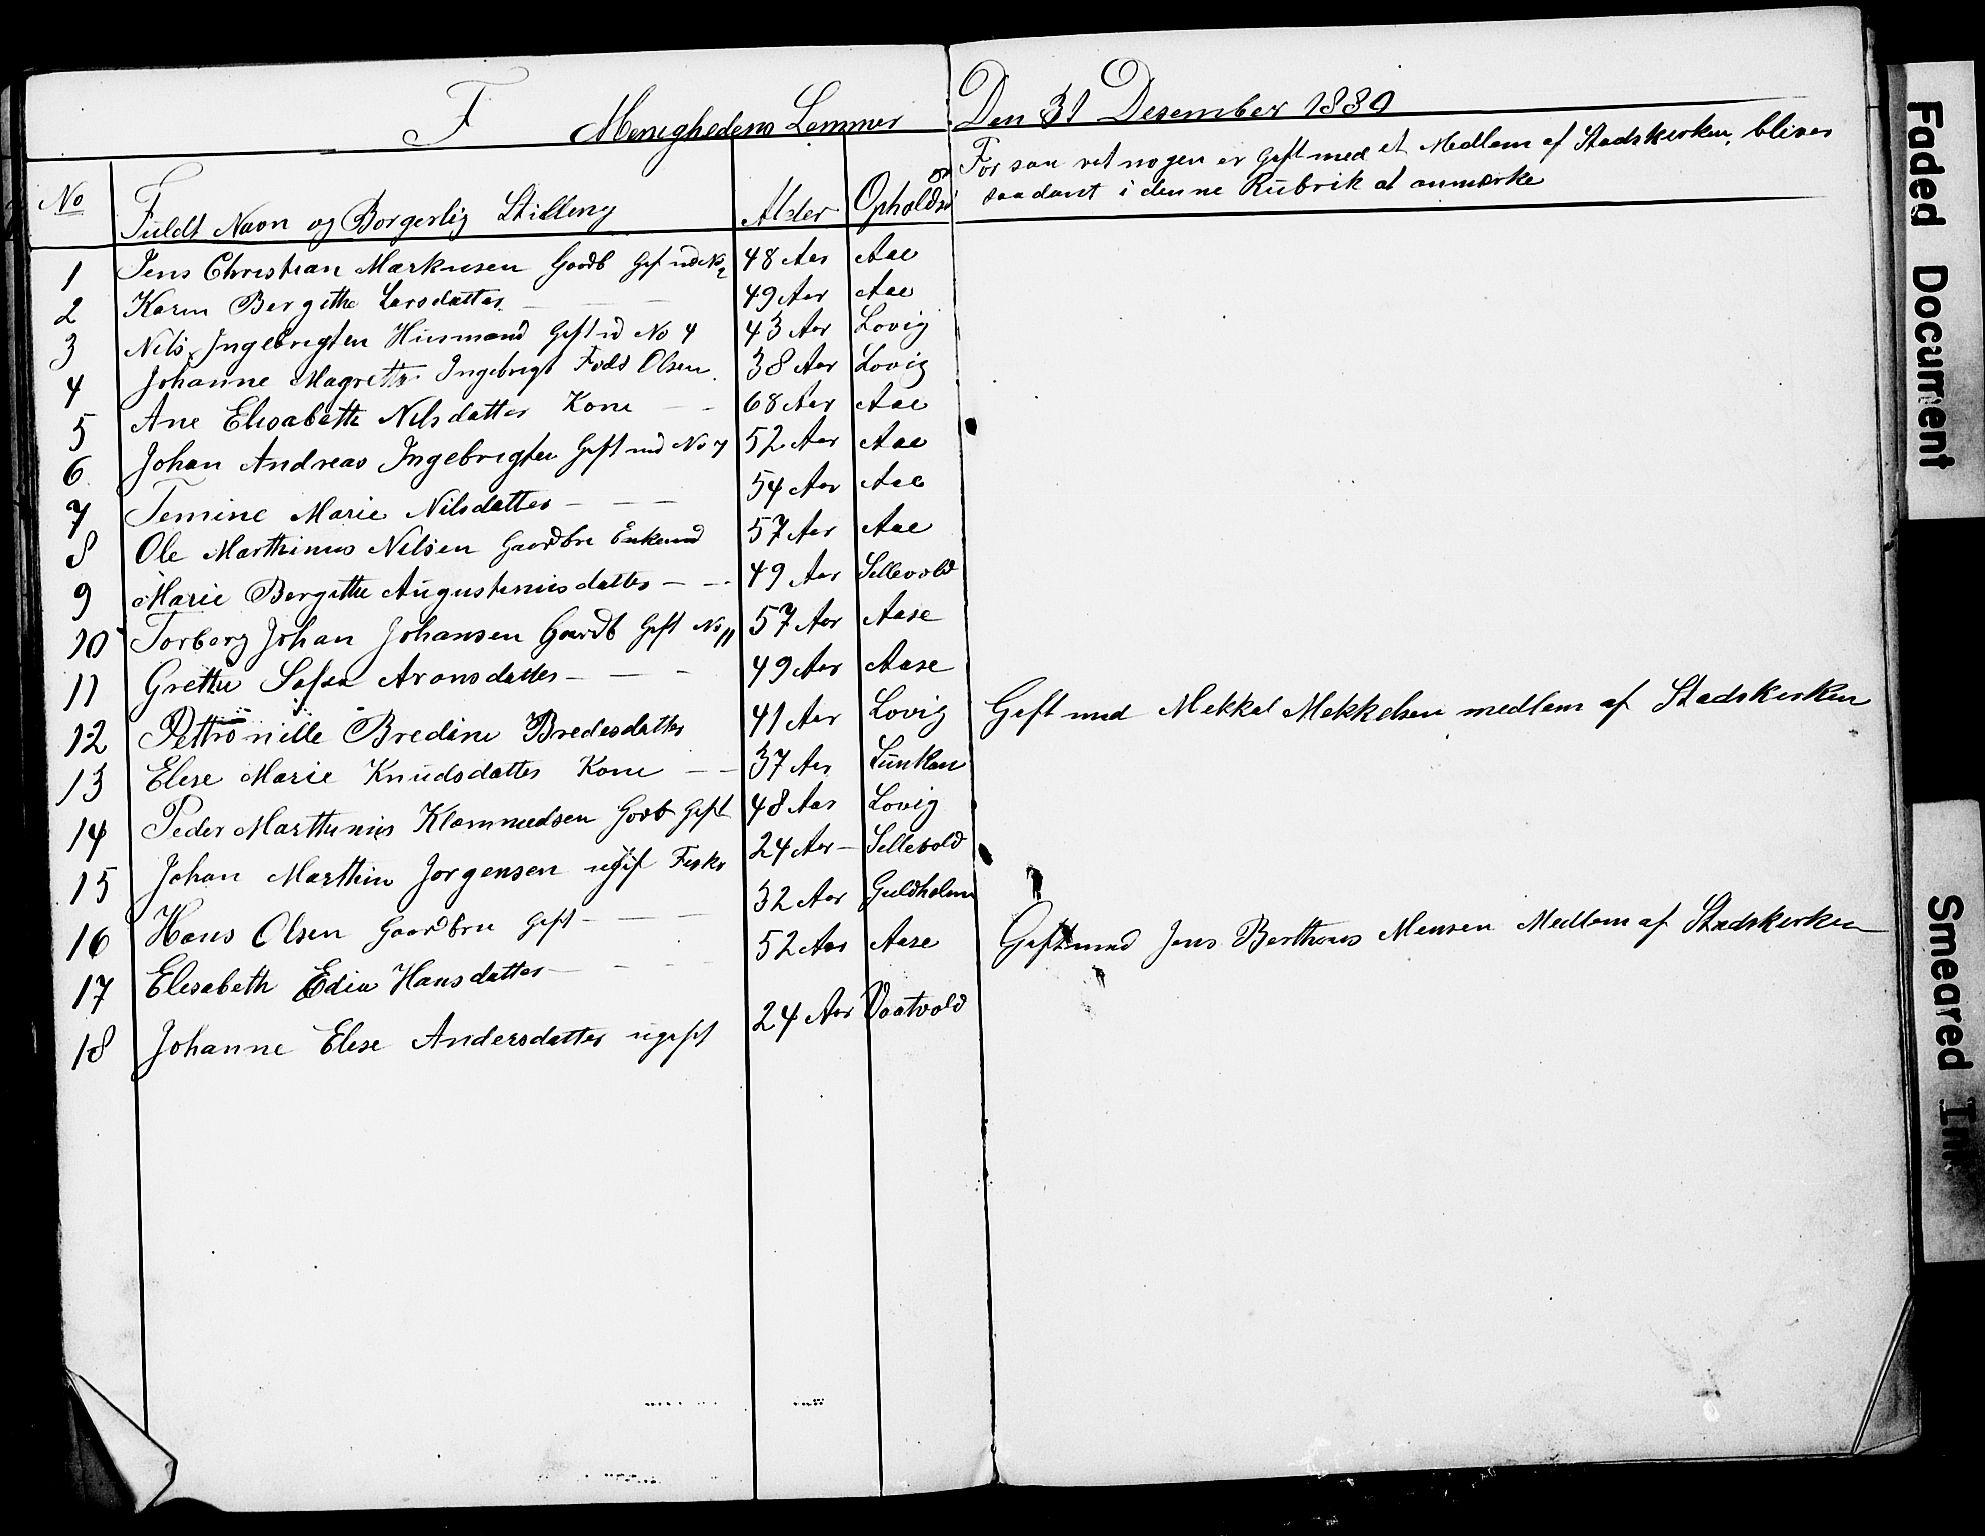 SAT, Ministerialprotokoller, klokkerbøker og fødselsregistre - Nordland, 897/L1418: Dissenterprotokoll nr. 897D01, 1859-1883